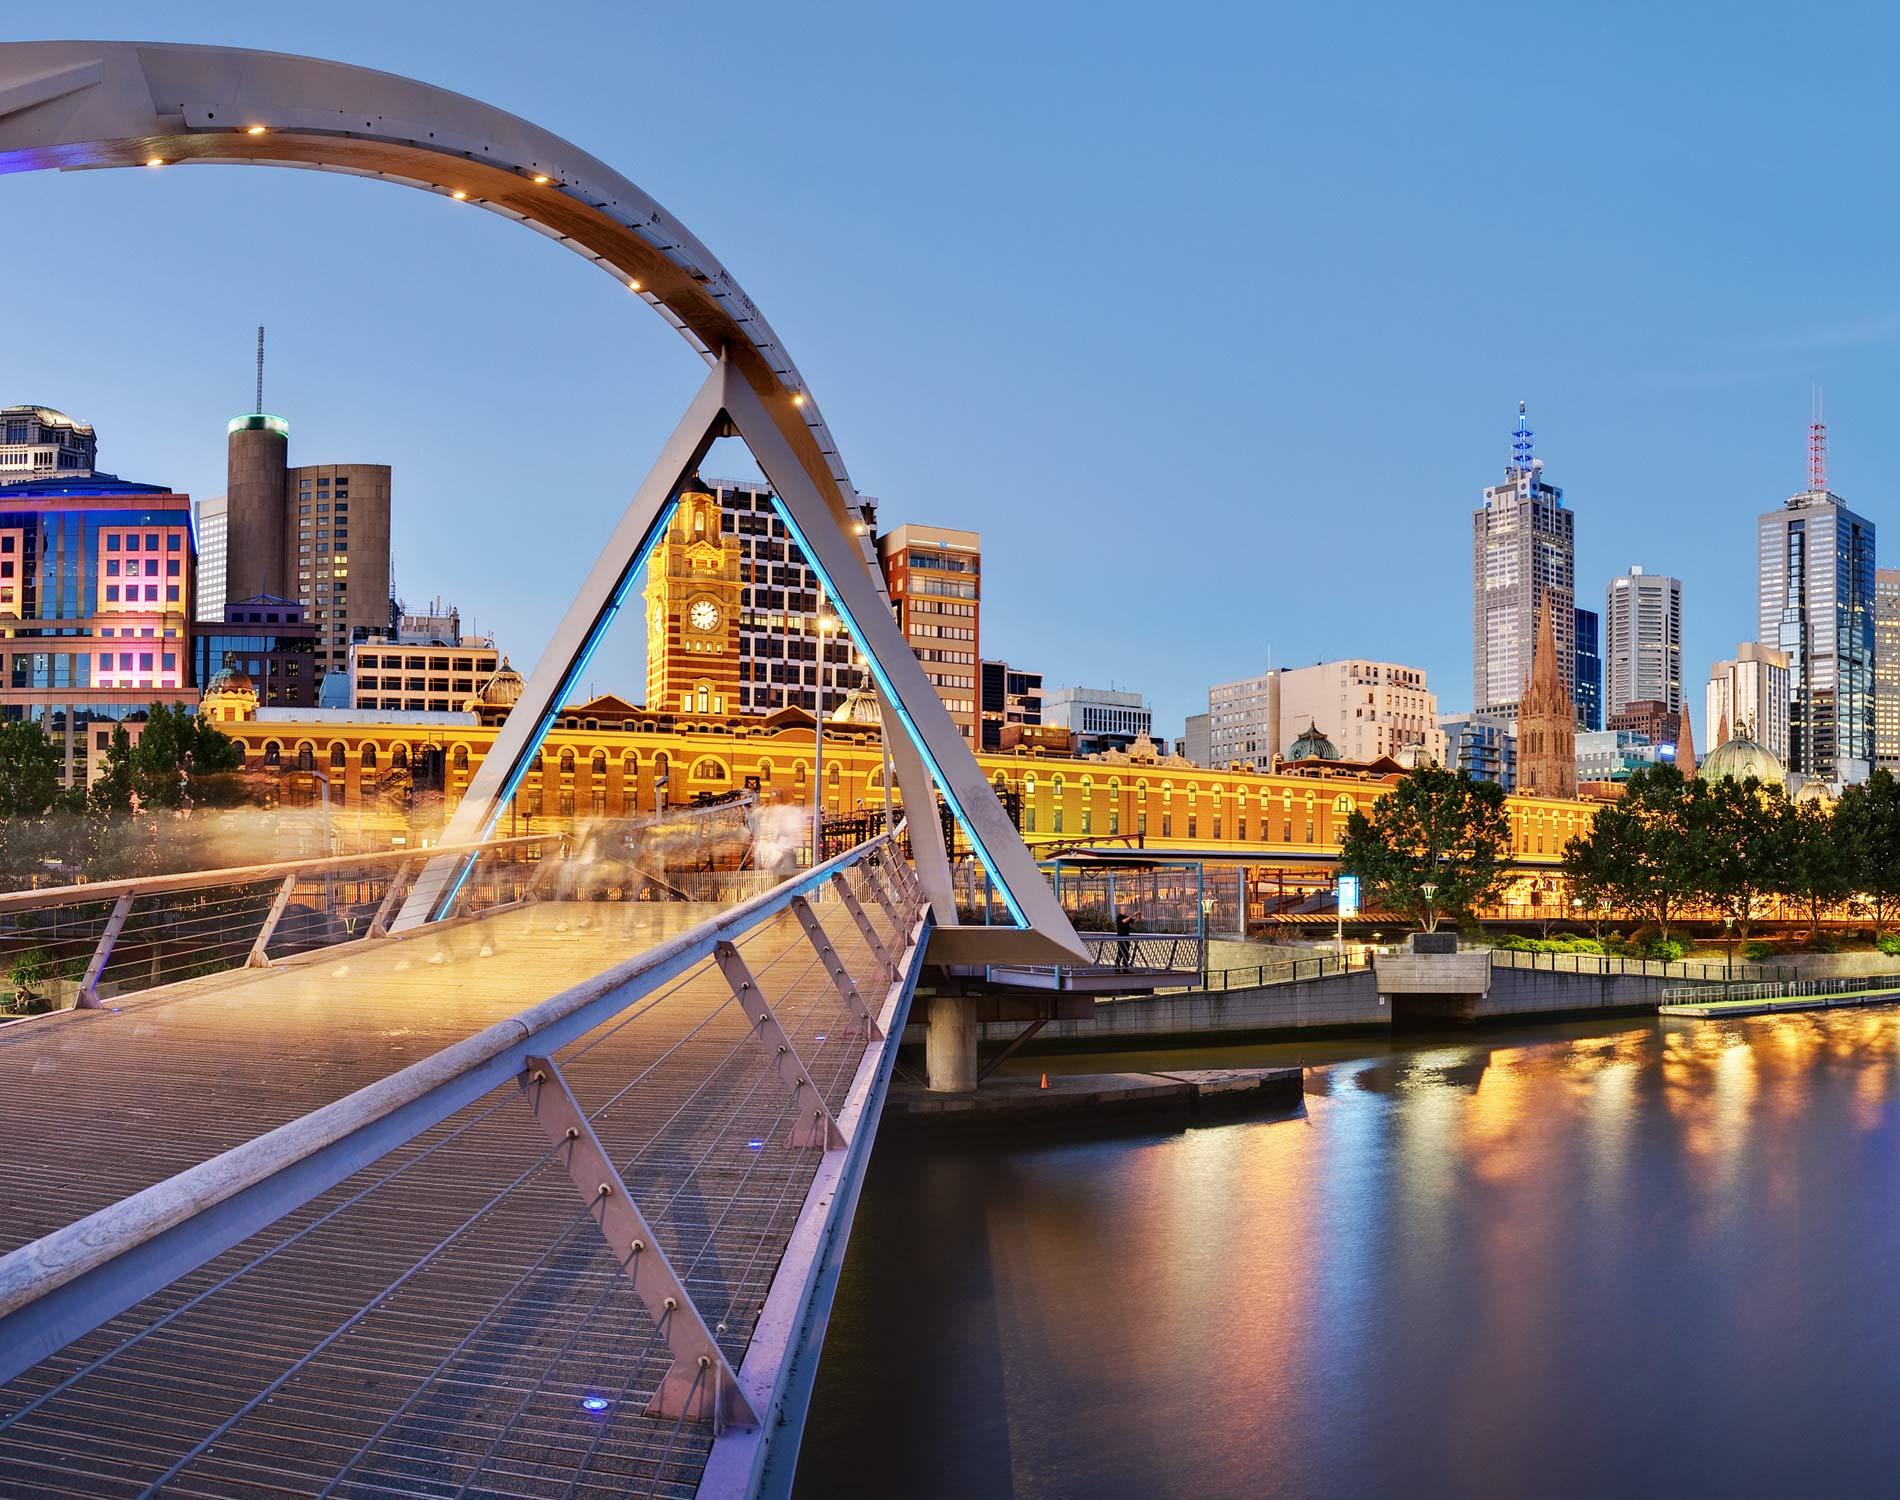 Melbourne - Office du tourisme melbourne ...